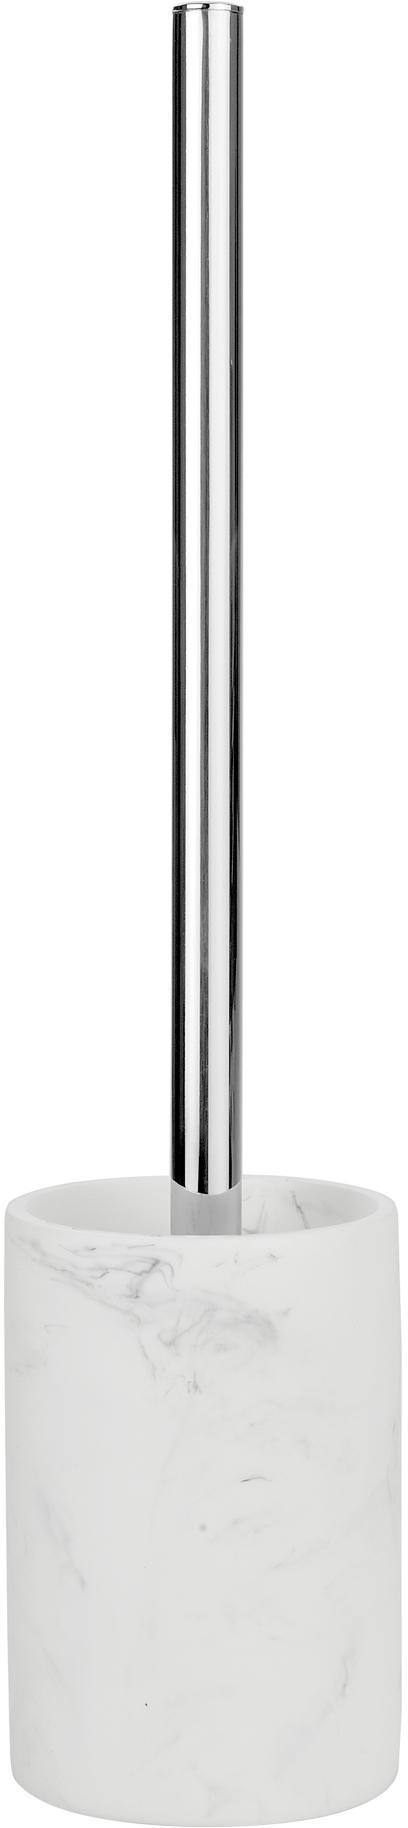 Scopino  Swan, Contenitore: materiale sintetico (poli, Maniglia: materiale sintetico (mate, Contenitore: bianco, marmorizzato Maniglia: argento, Ø 9 x Alt. 40 cm